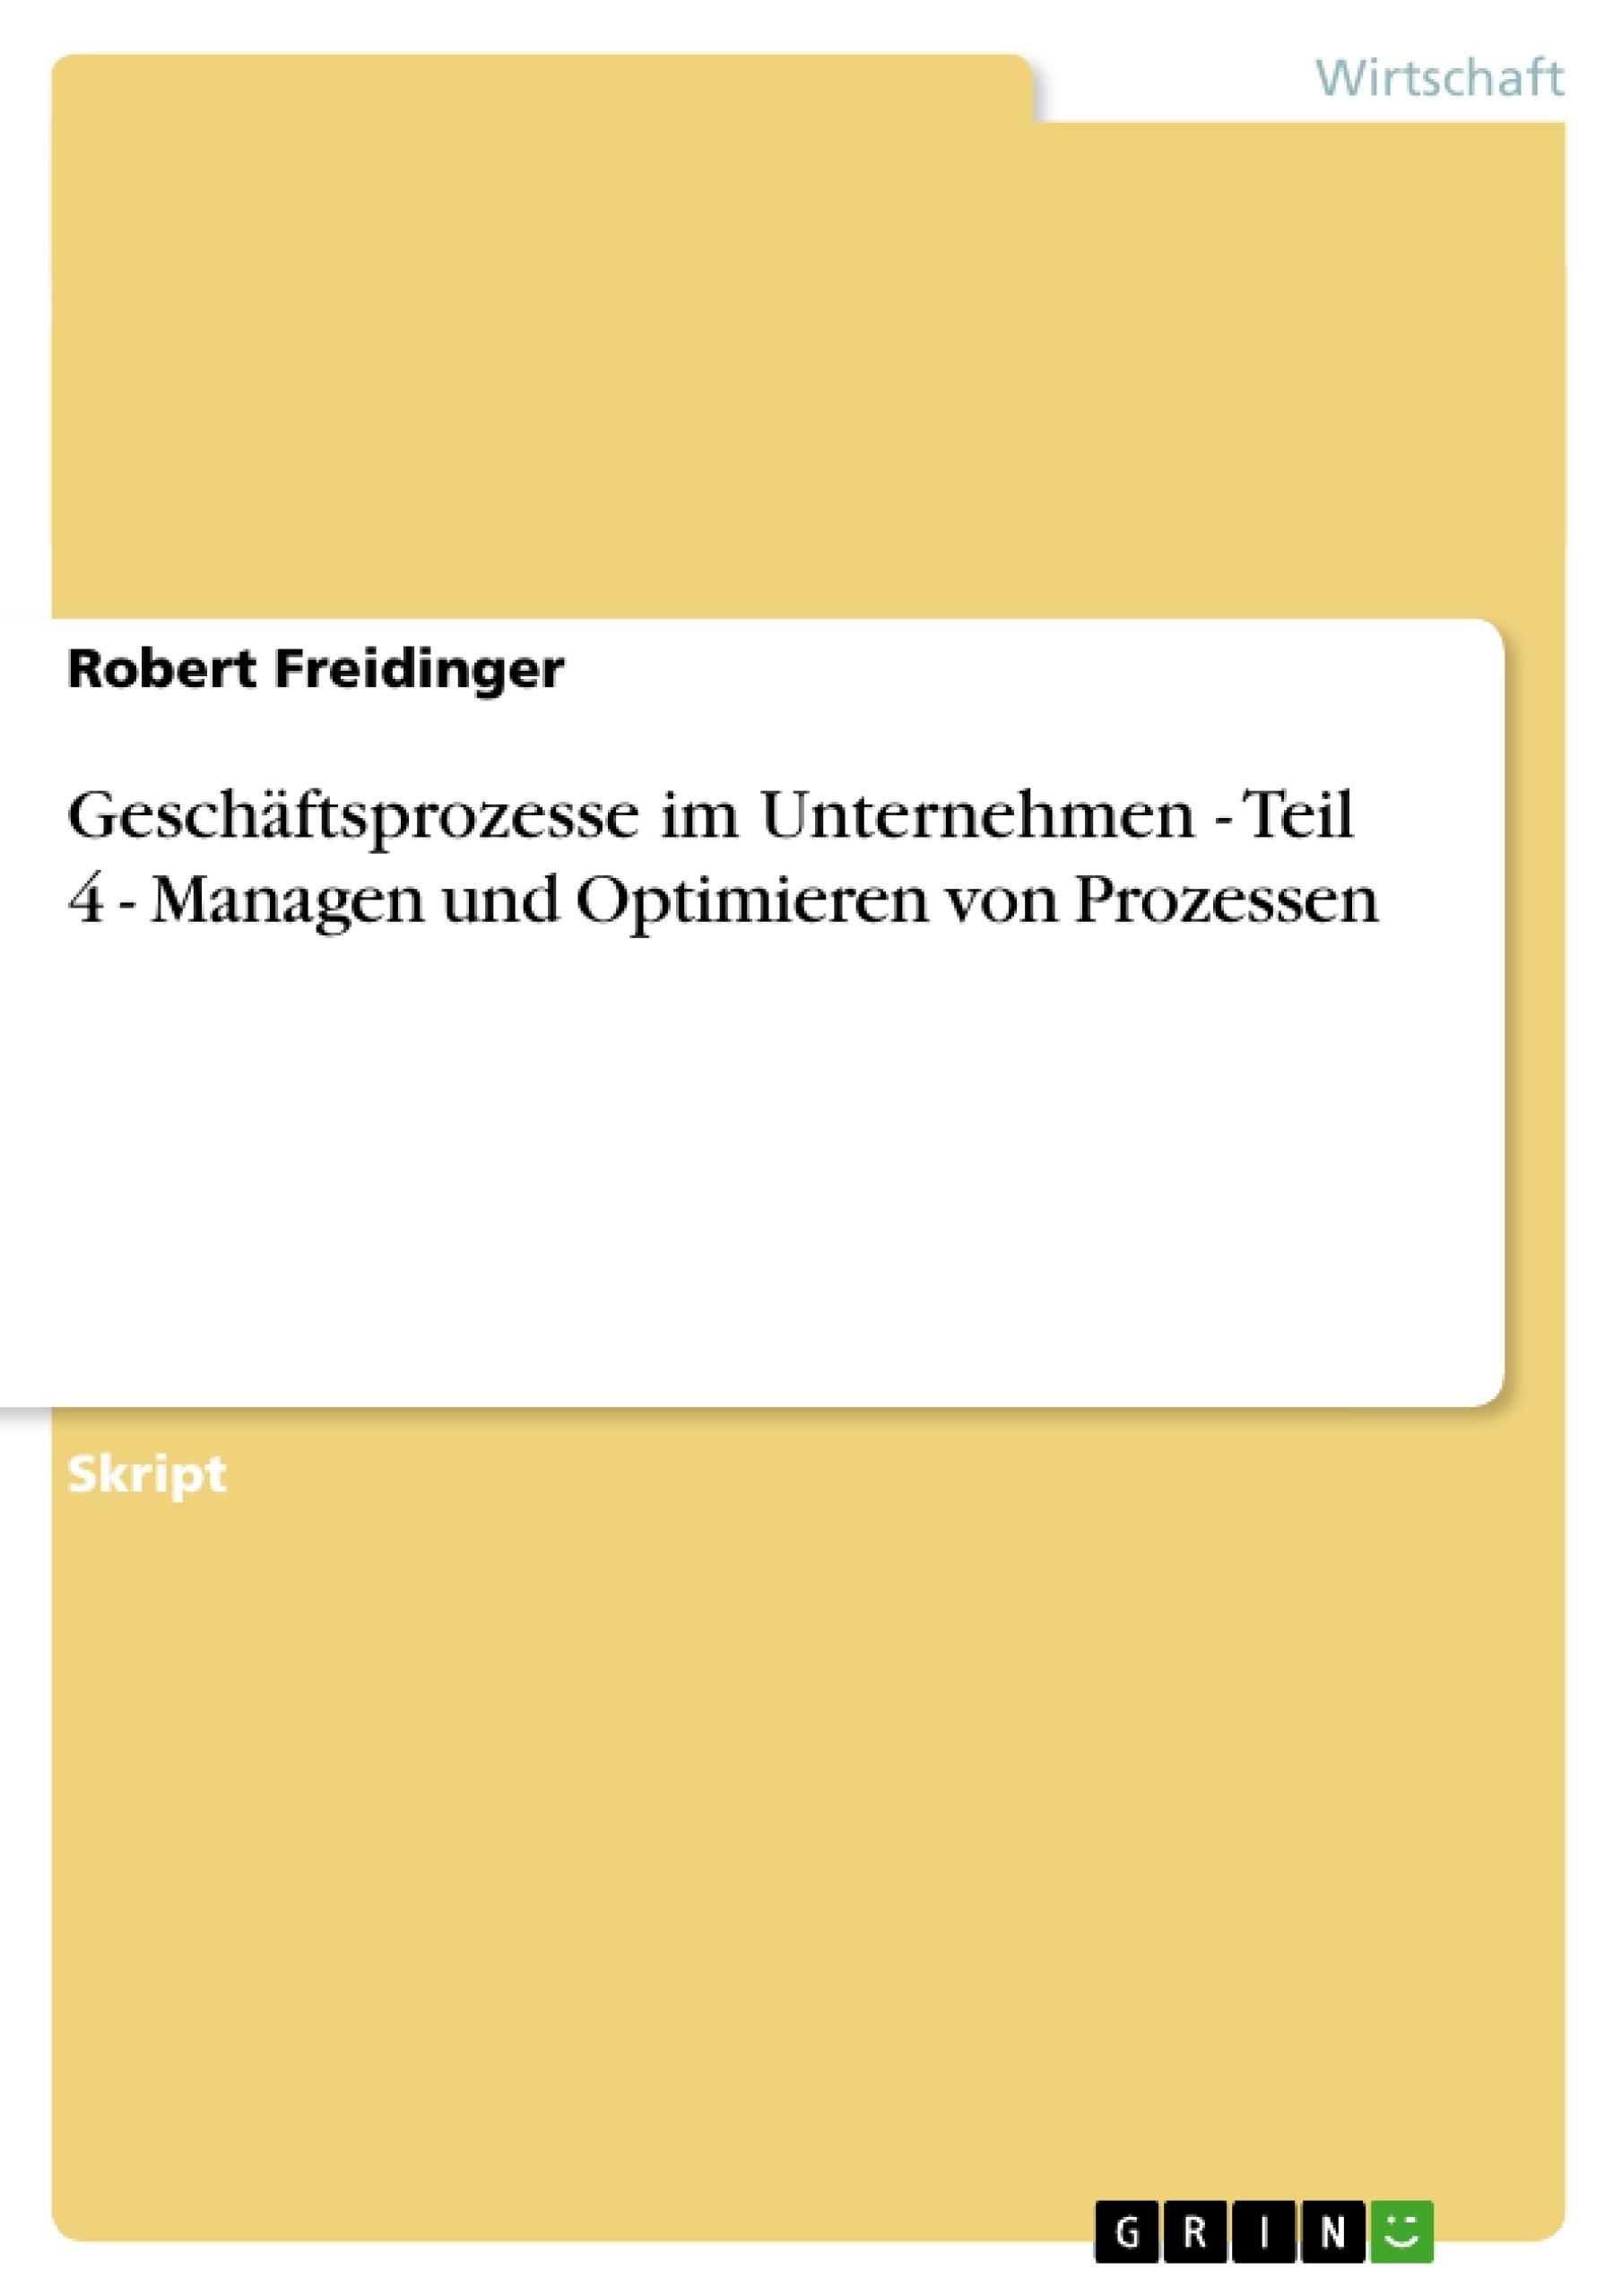 Titel: Geschäftsprozesse im Unternehmen - Teil 4 - Managen und Optimieren von Prozessen